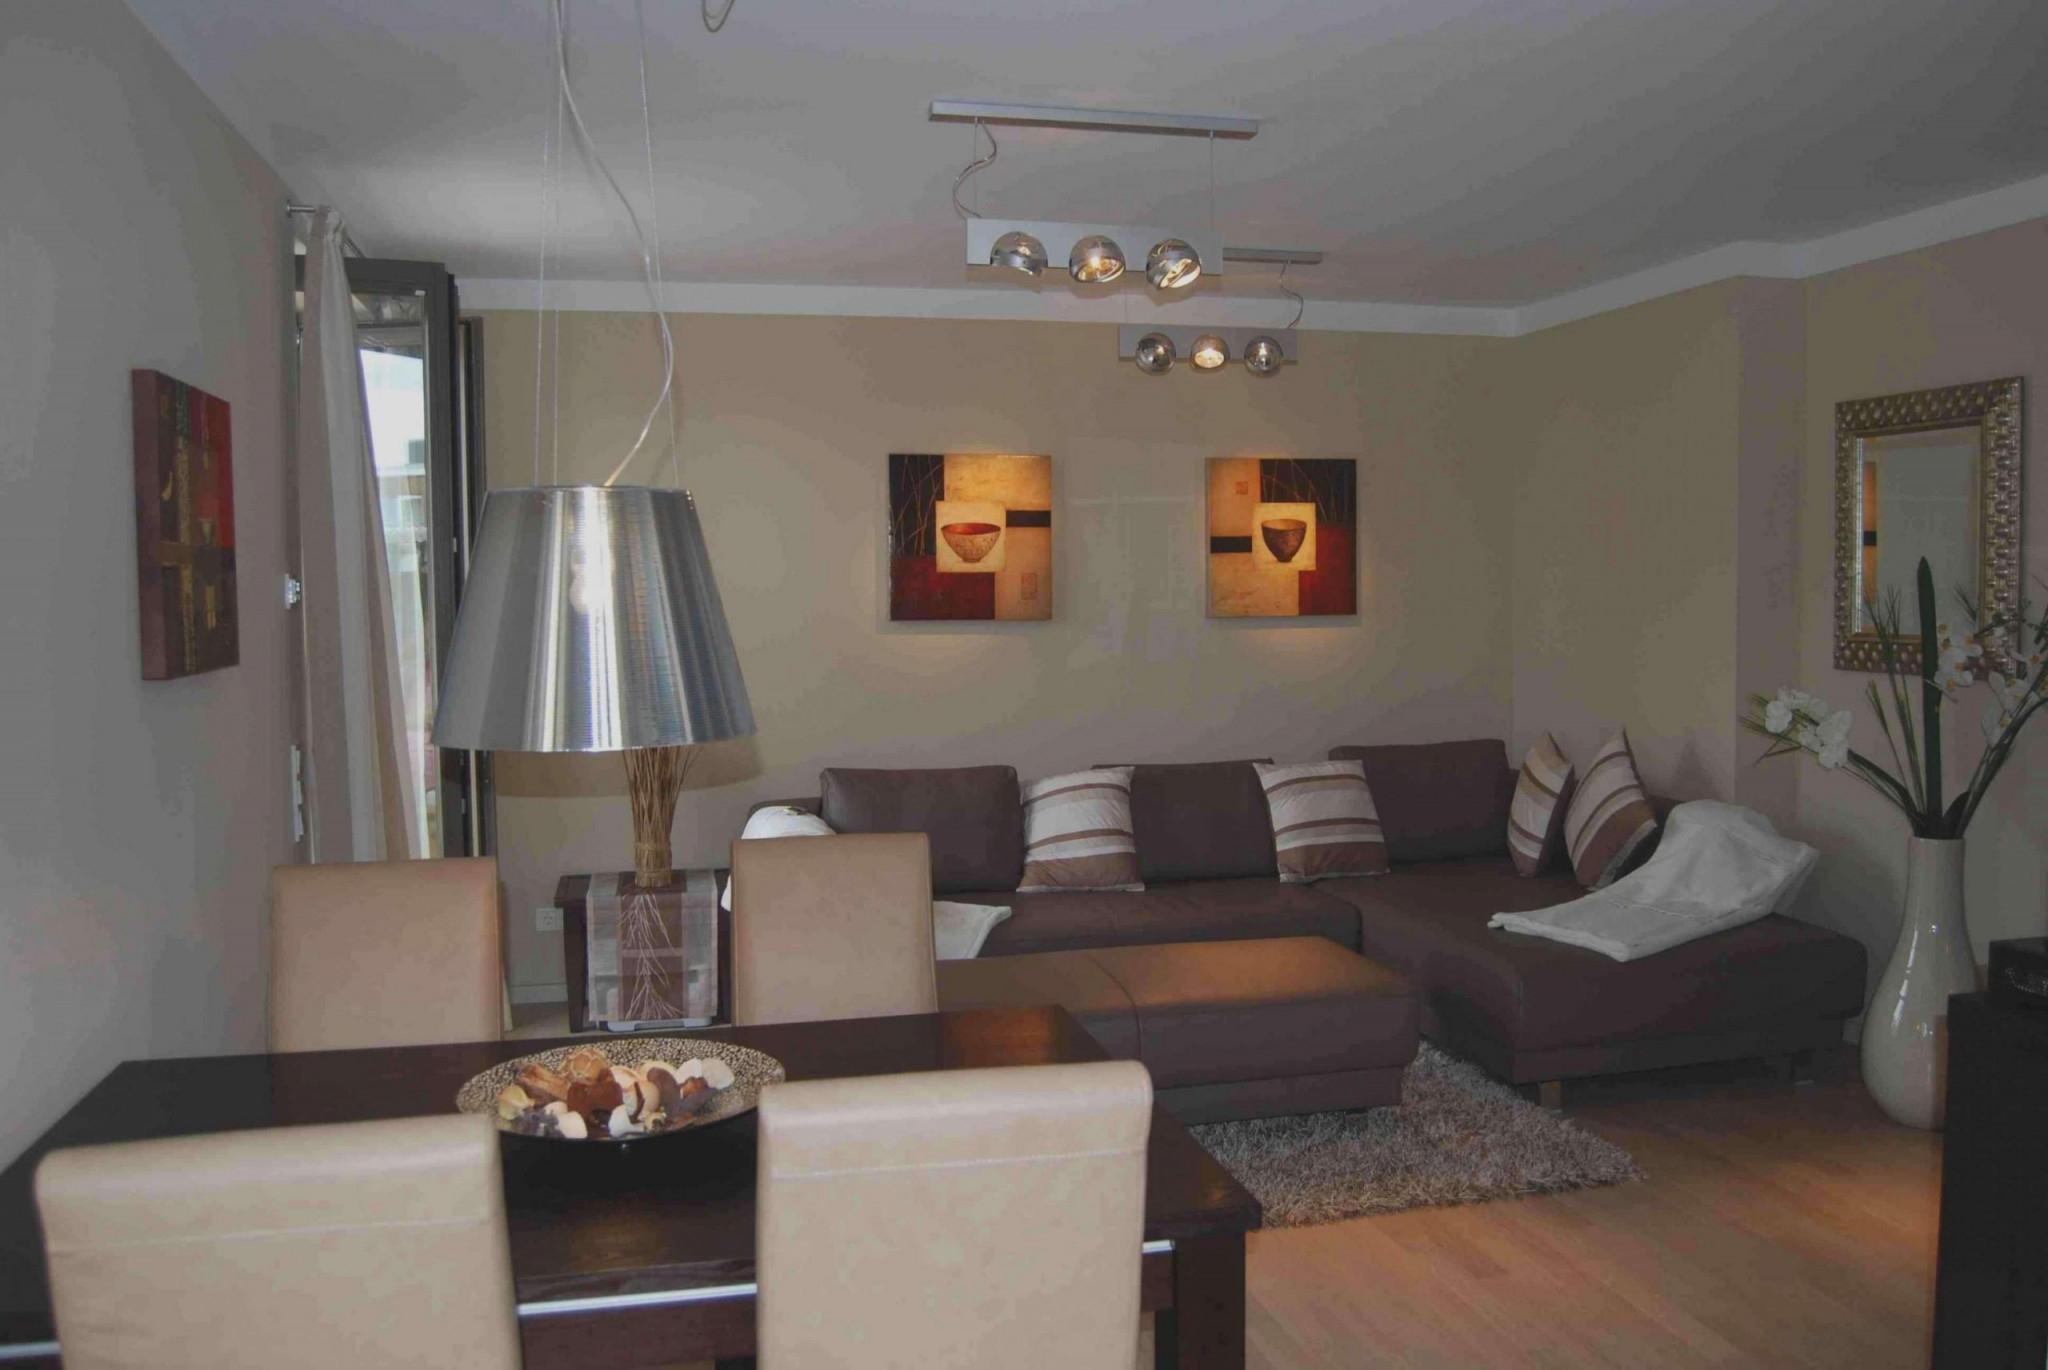 30 Luxus Kleines Wohnzimmer Mit Essbereich Einrichten von Wohnzimmer Mit Esstisch Ideen Bild